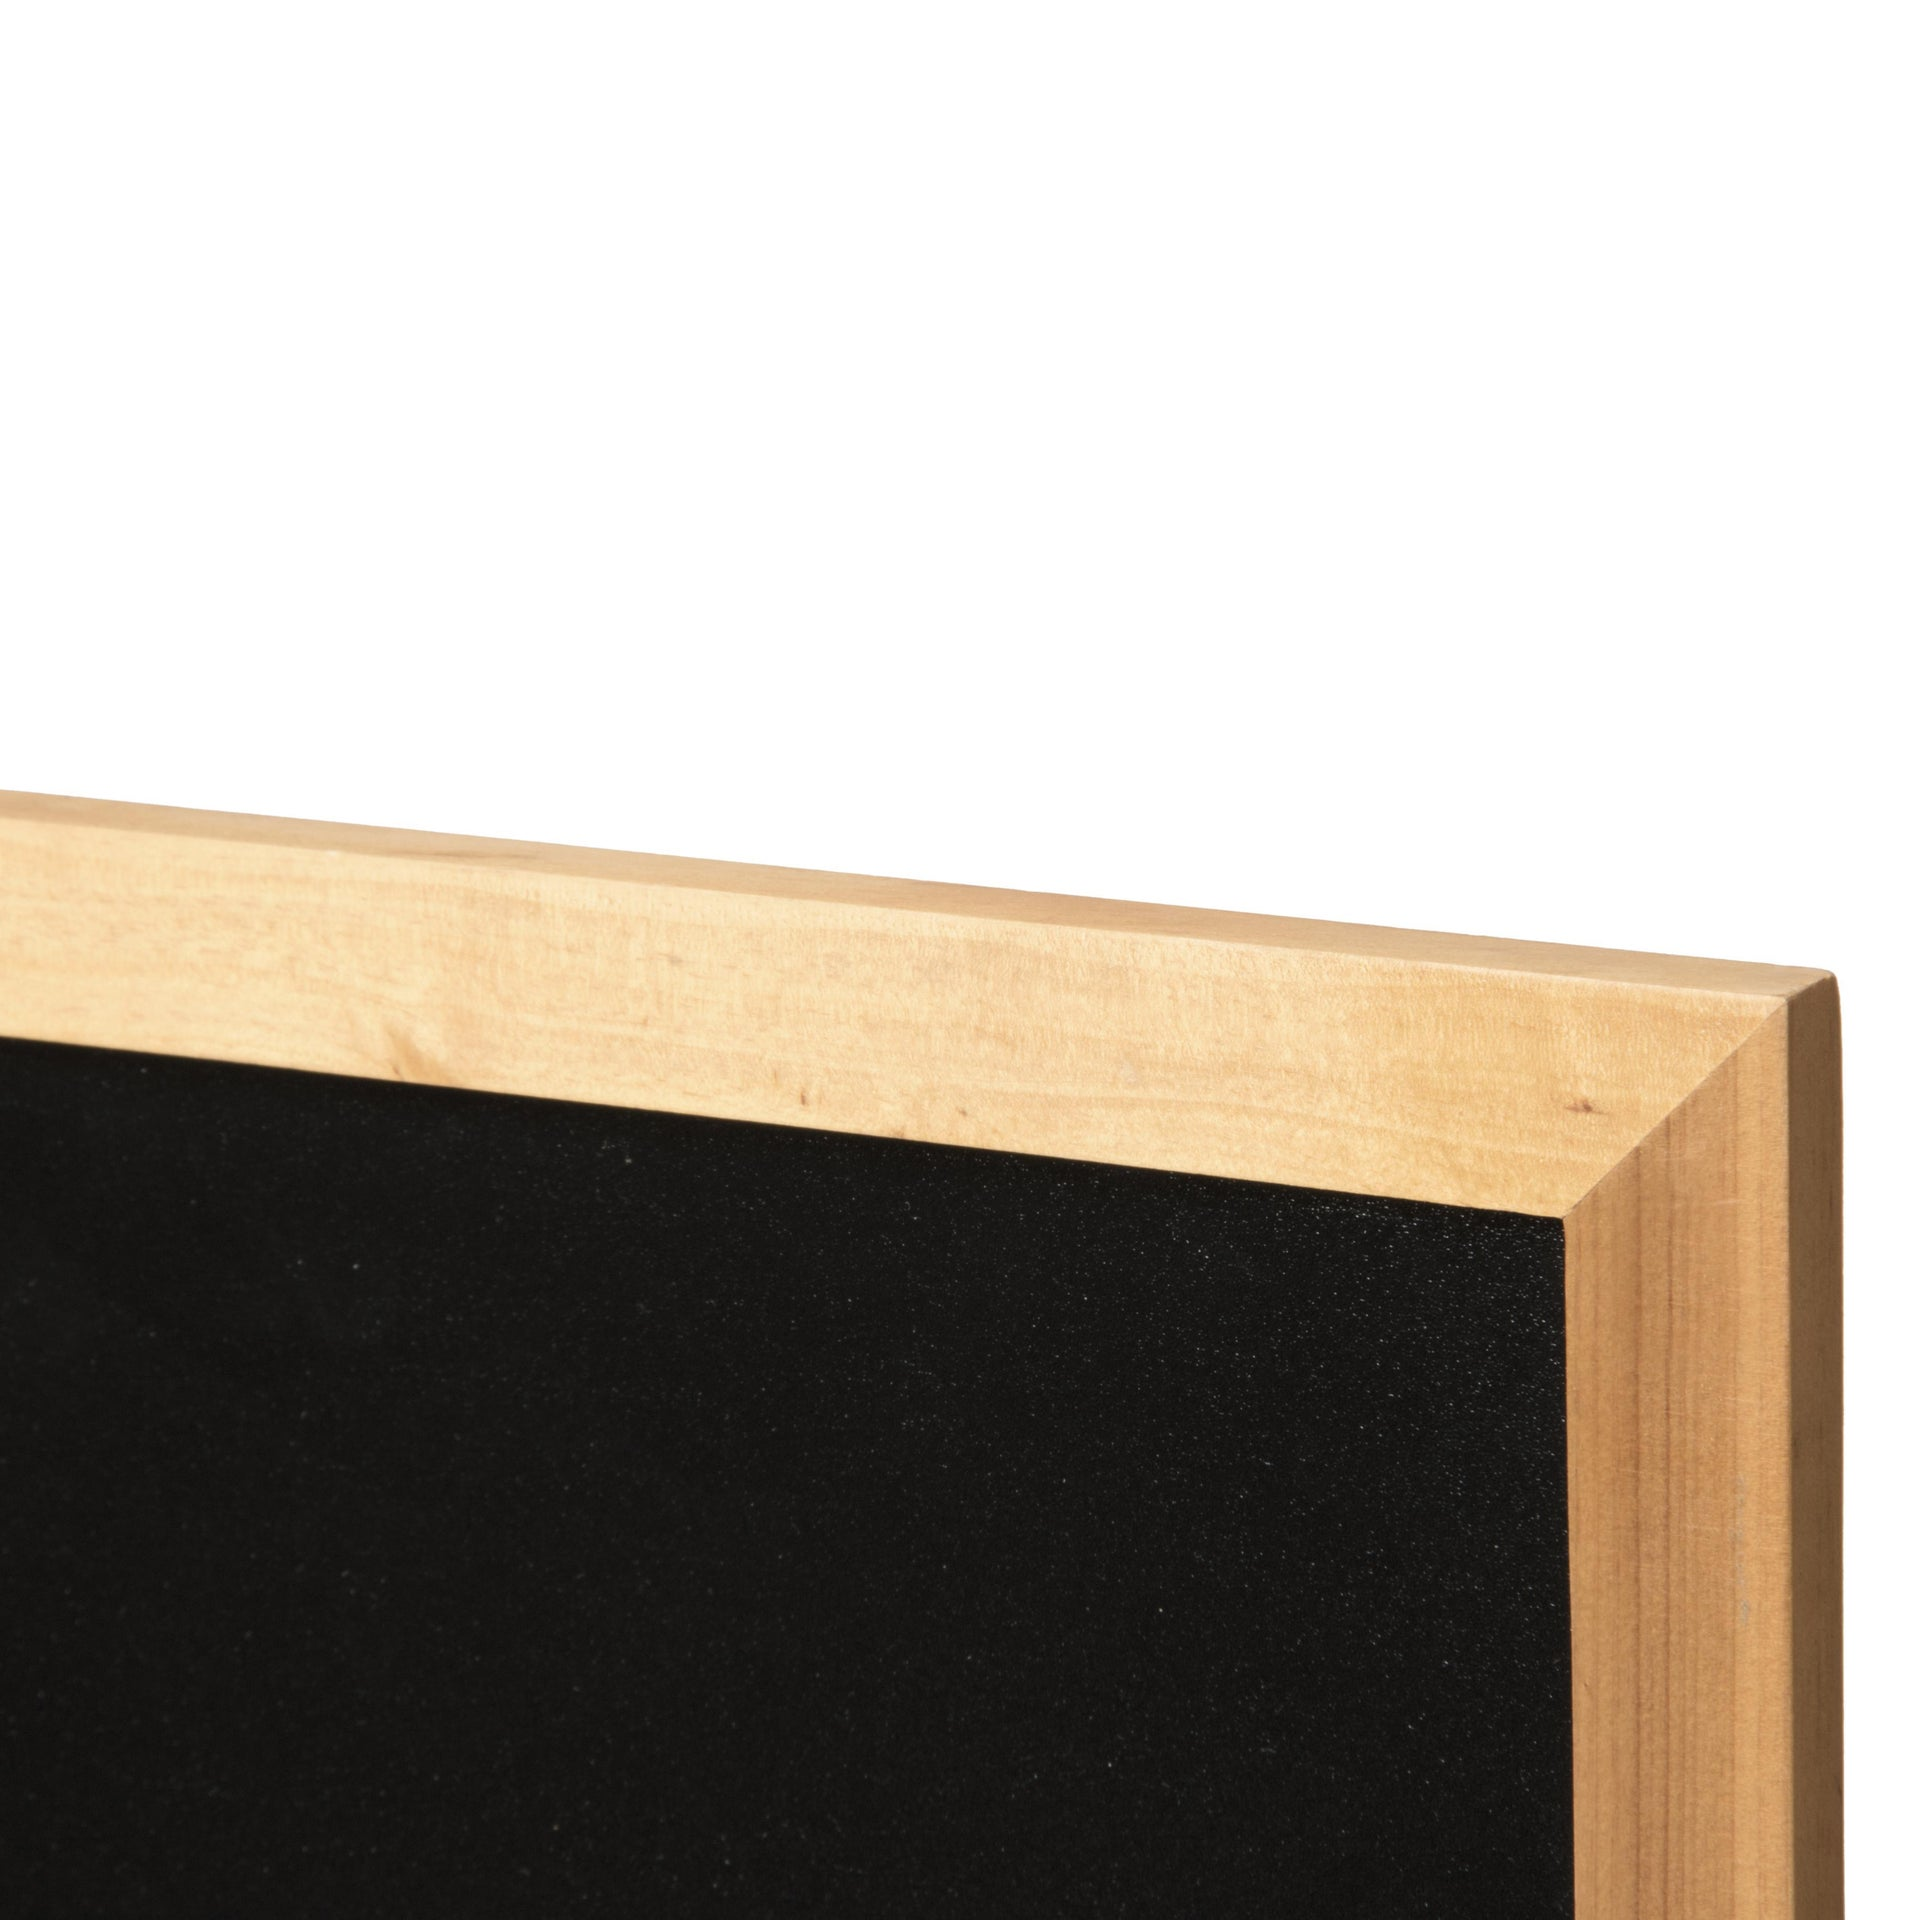 Lavagna Woody teak 60x80 cm - 3